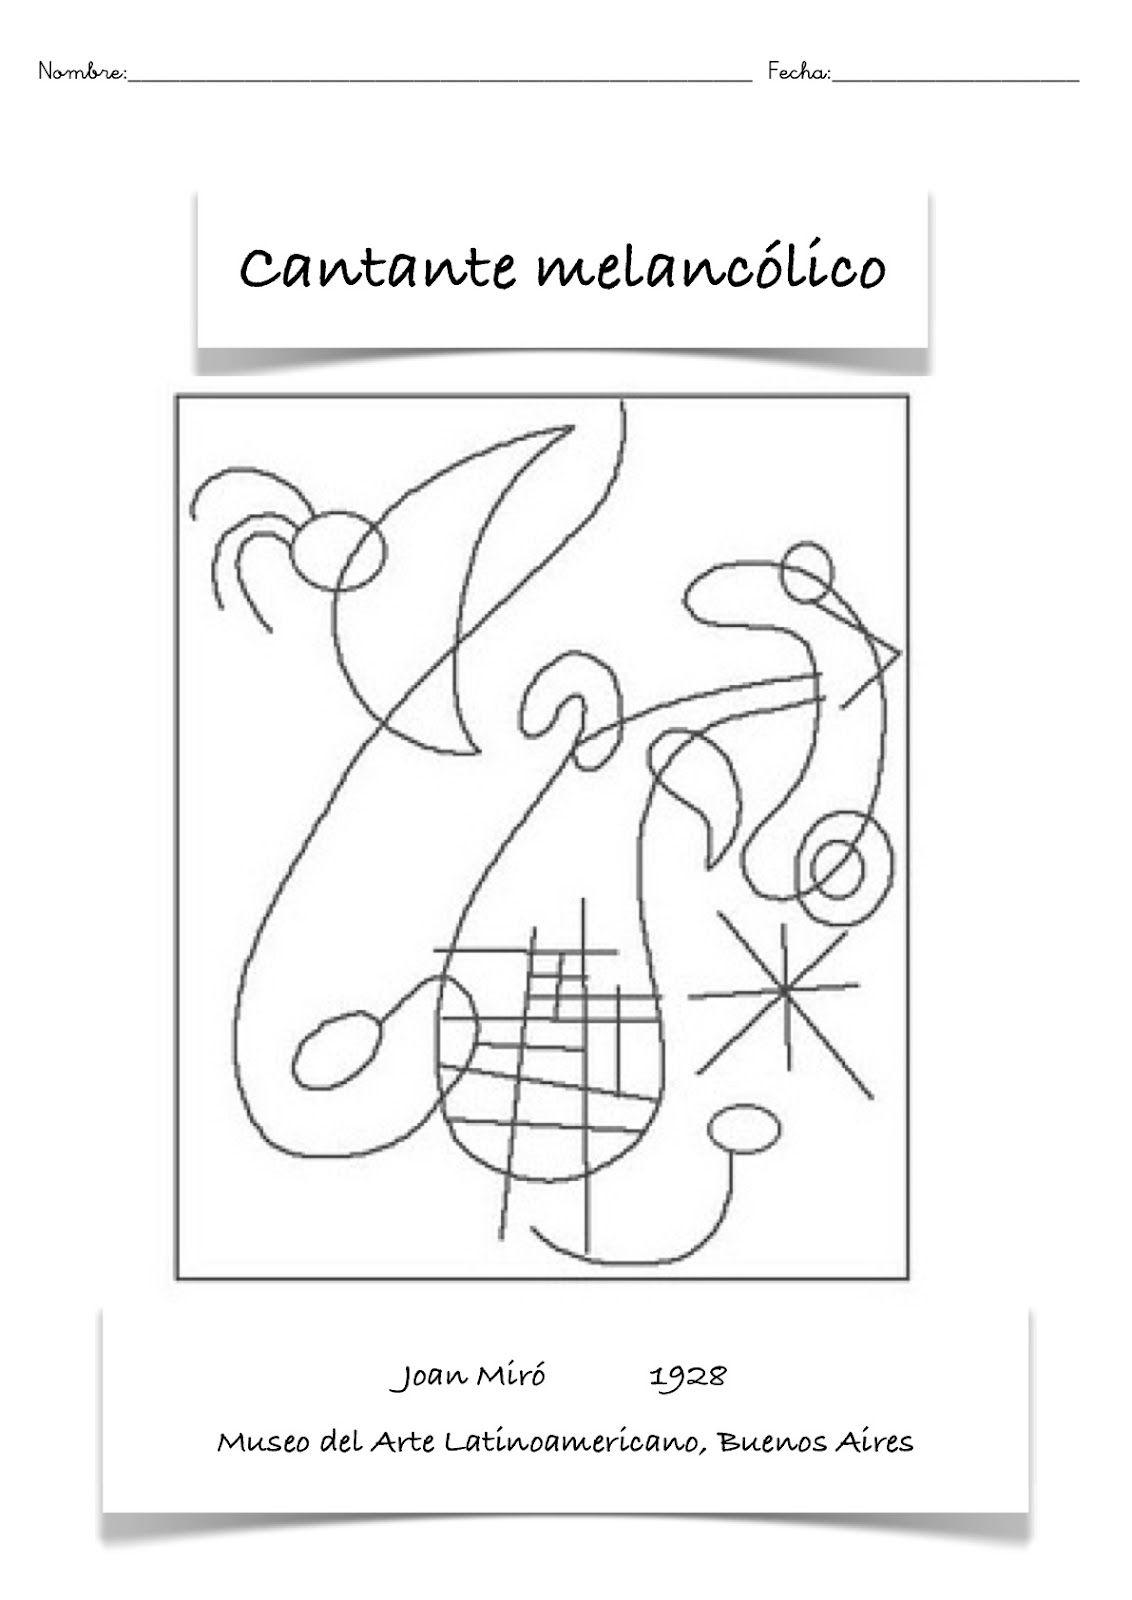 Pin By Silvia Calvo On Espanol Joan Miro Paintings Miro Paintings Miro Artist